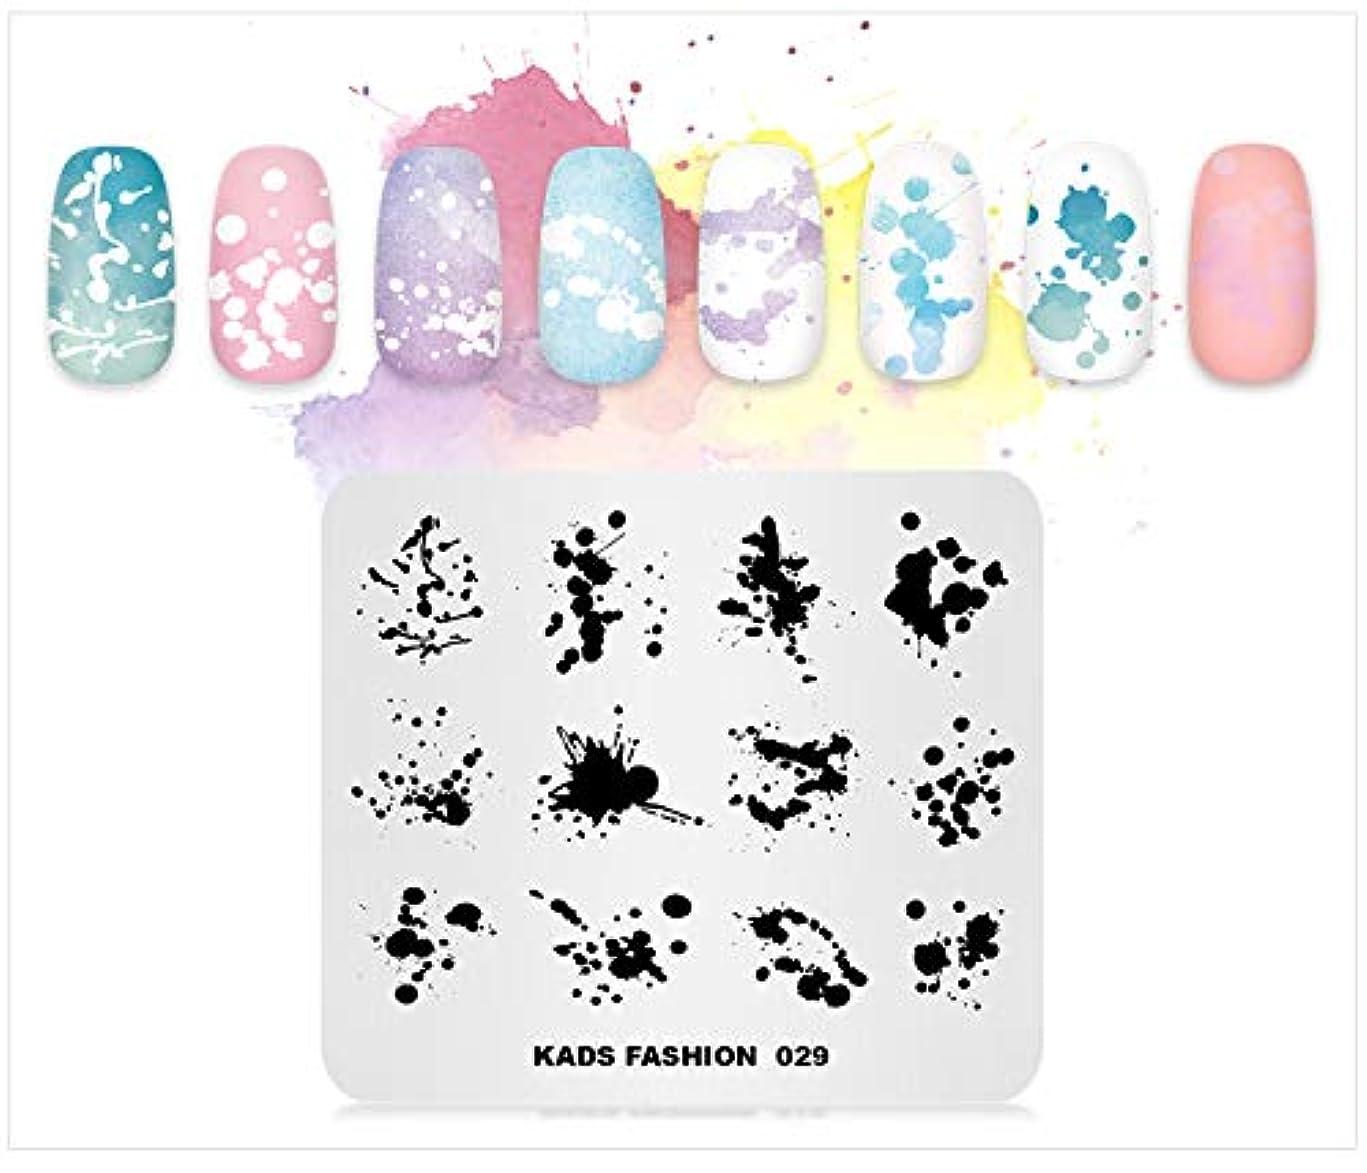 メッセンジャー元気専門知識KADS ネイルスタンププレート ネイルステンシル ネイルイメージプレート ファッションスタイル (FA029)